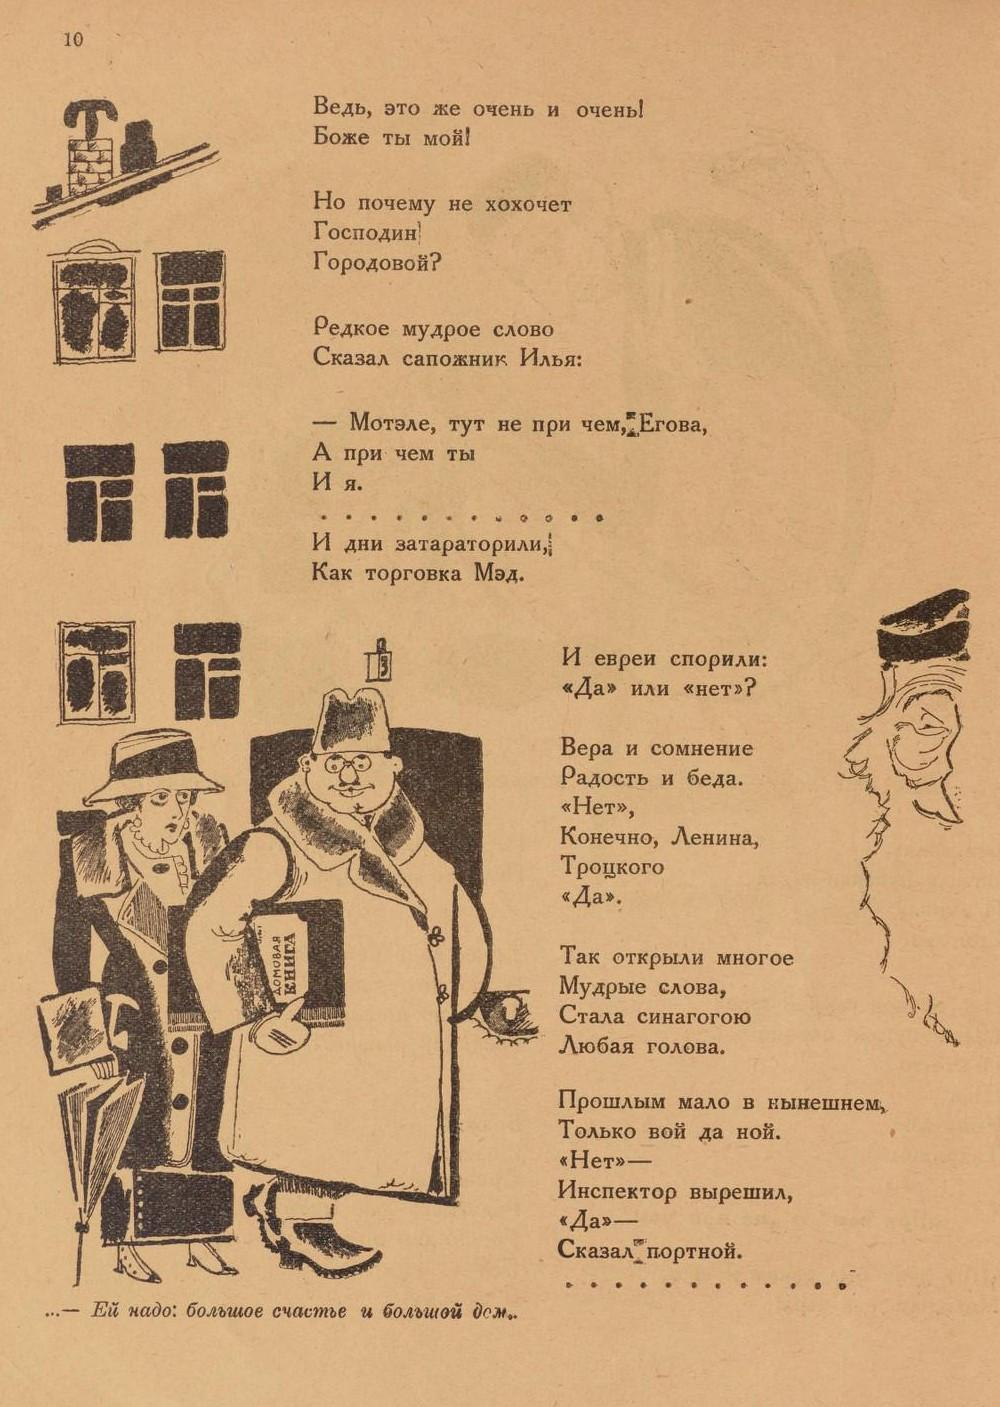 «Повесть о рыжем Мотэле, господине инспекторе, раввине Иссайе и комиссаре Блох» (1926 год) 8